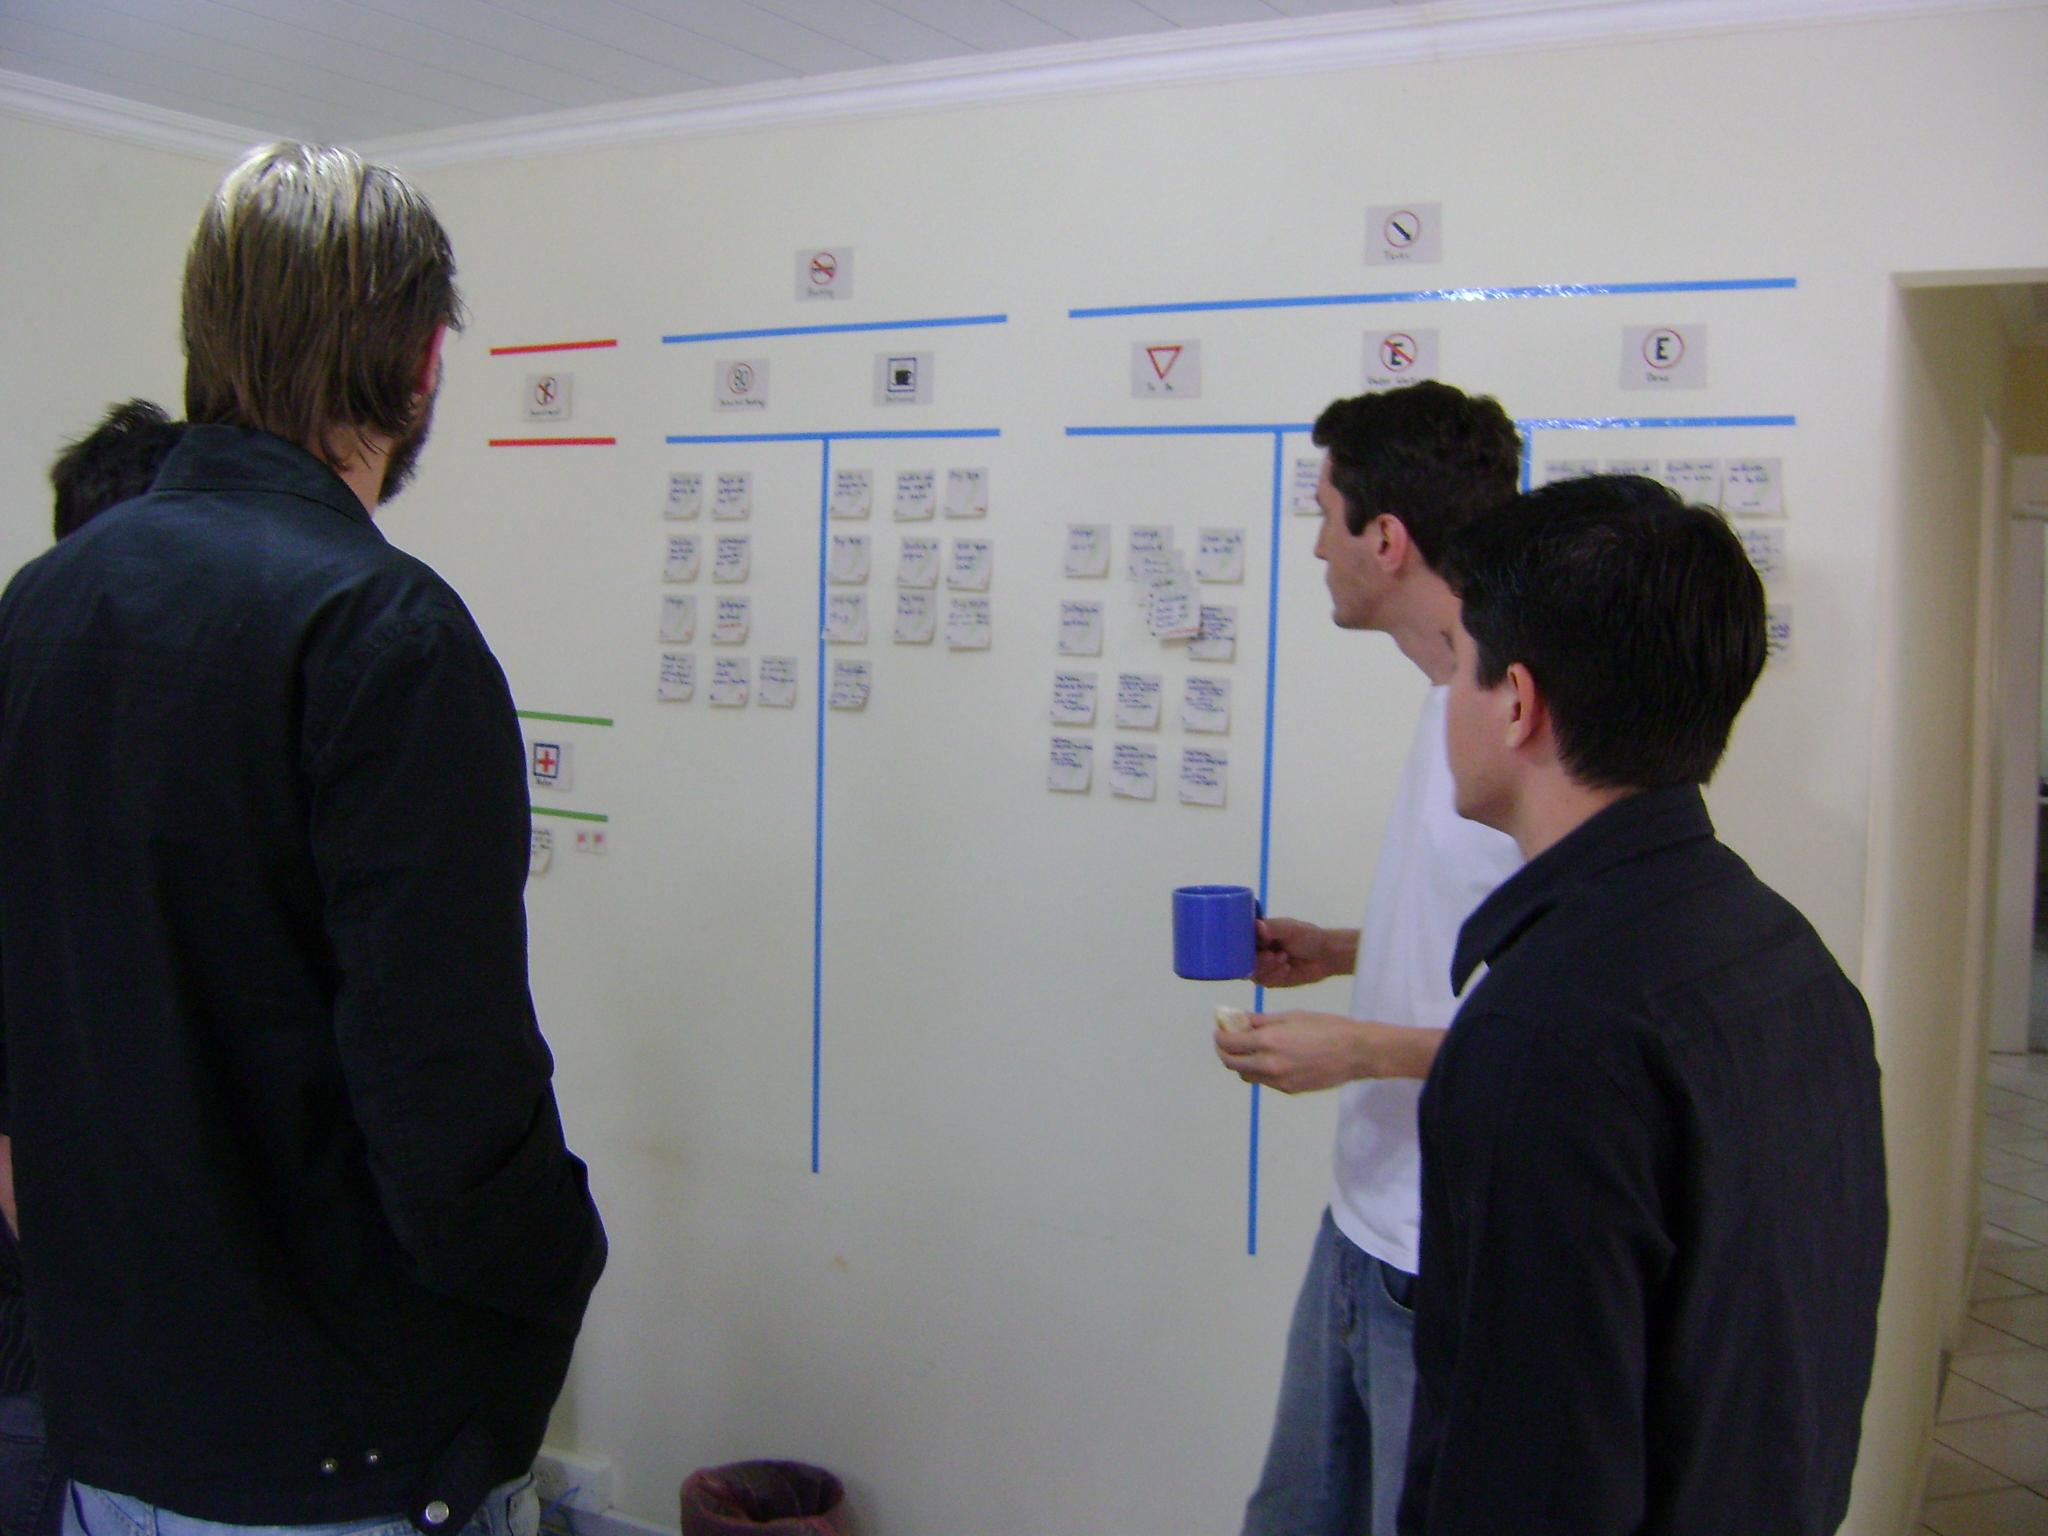 Daily meeting de uma equipe